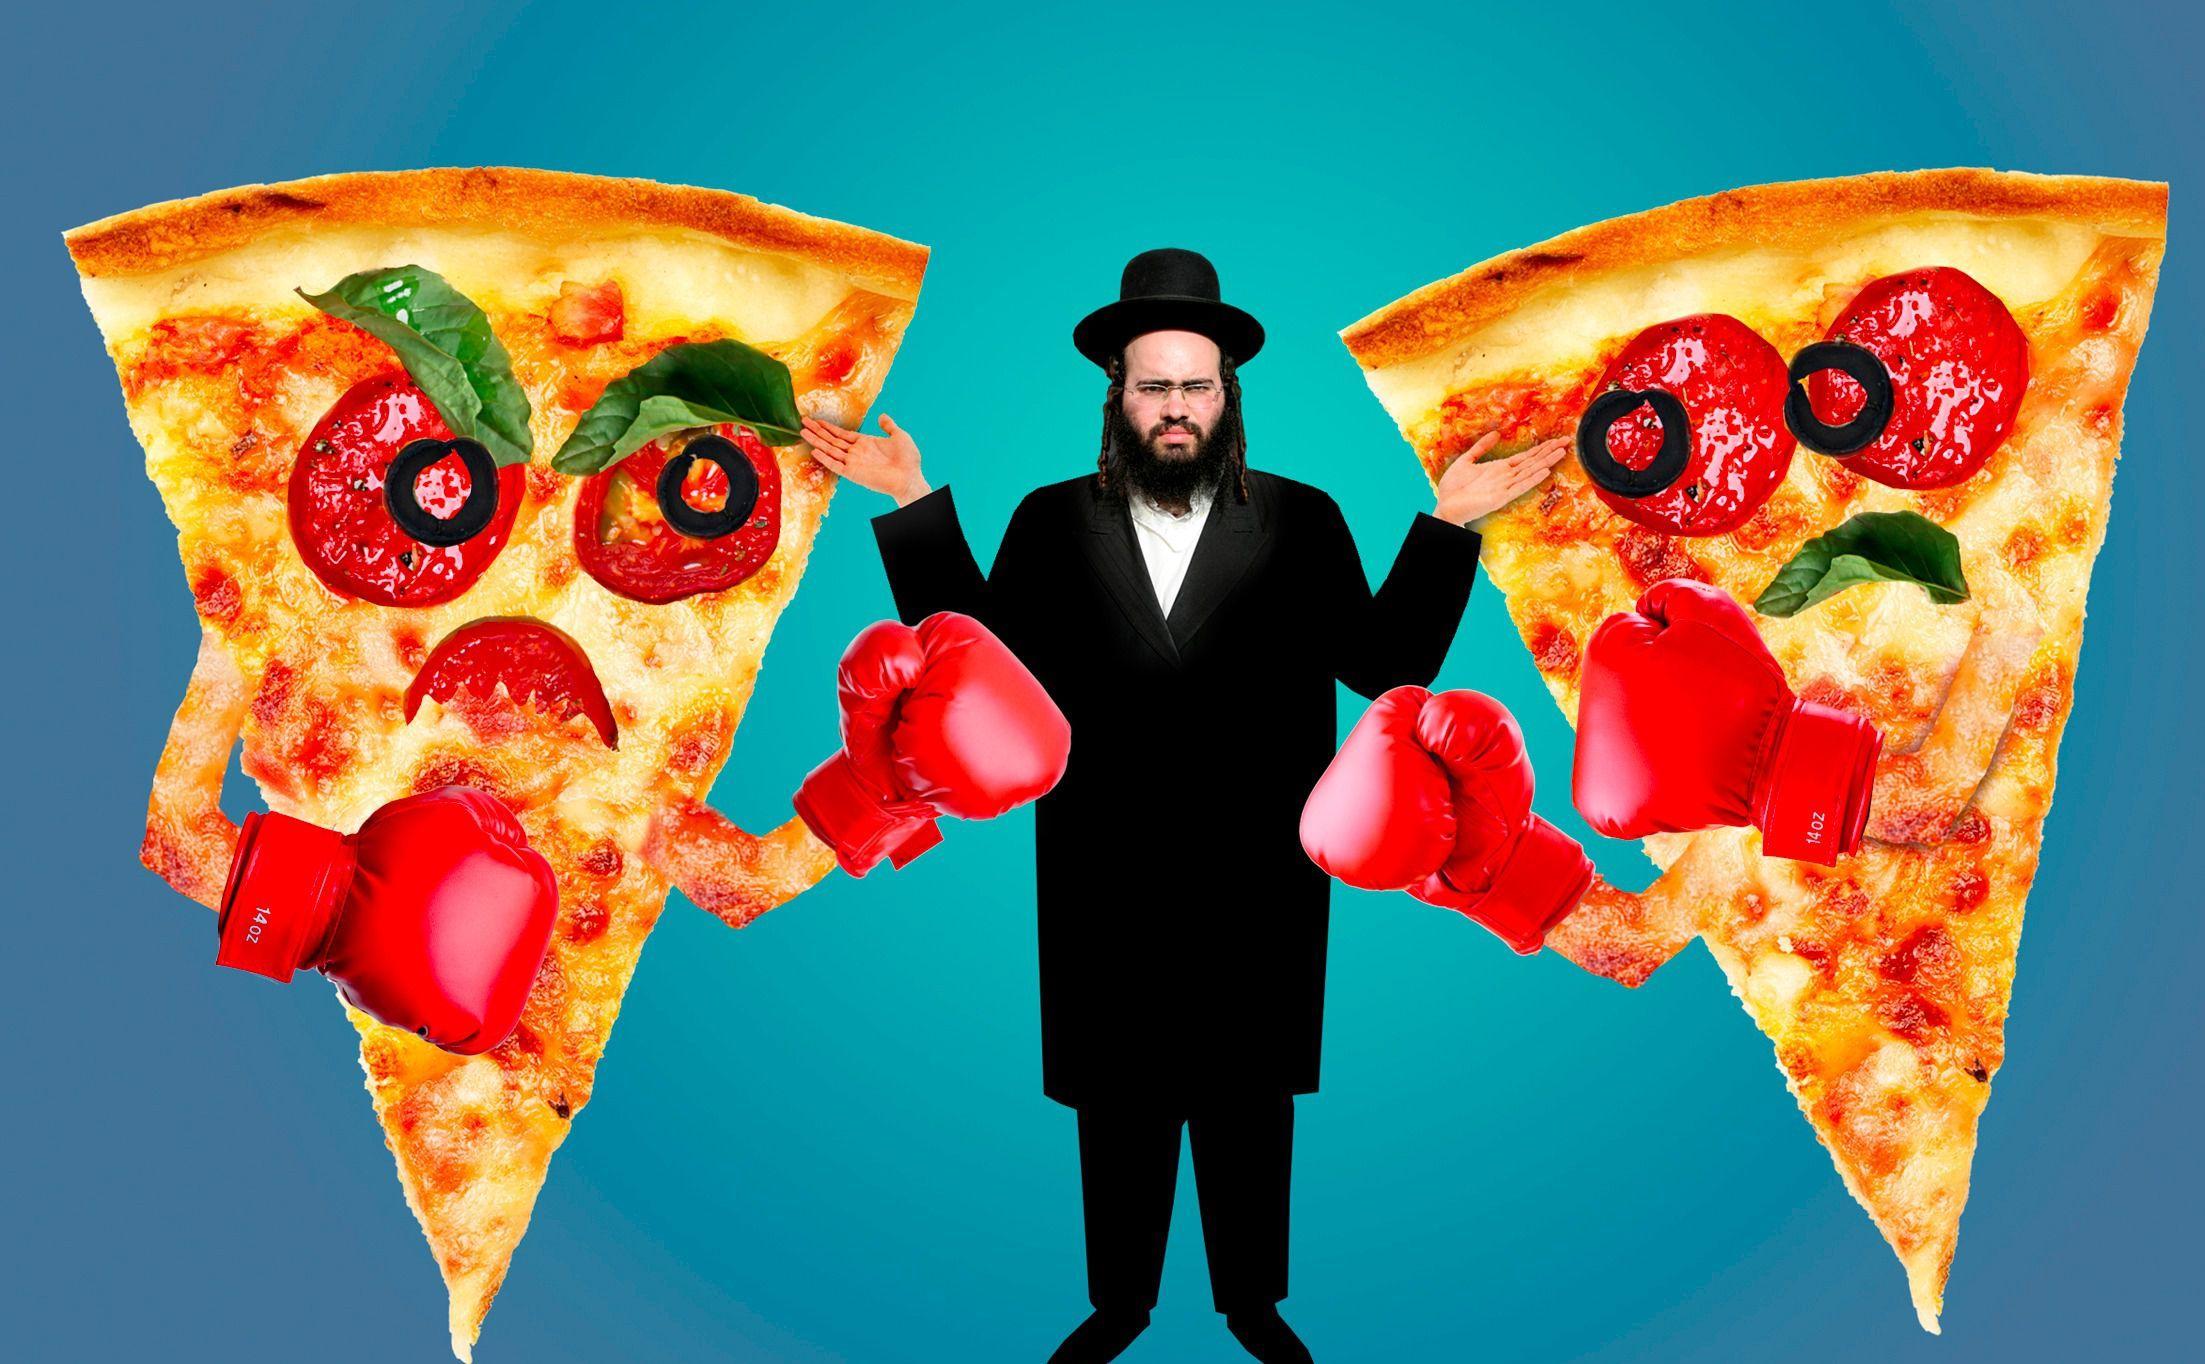 Pizza Hut và cuộc đại chiến pizza toàn cầu: Lý do cho sự đi xuống của một cái tên tưởng như đã bất khả xâm phạm - Ảnh 2.